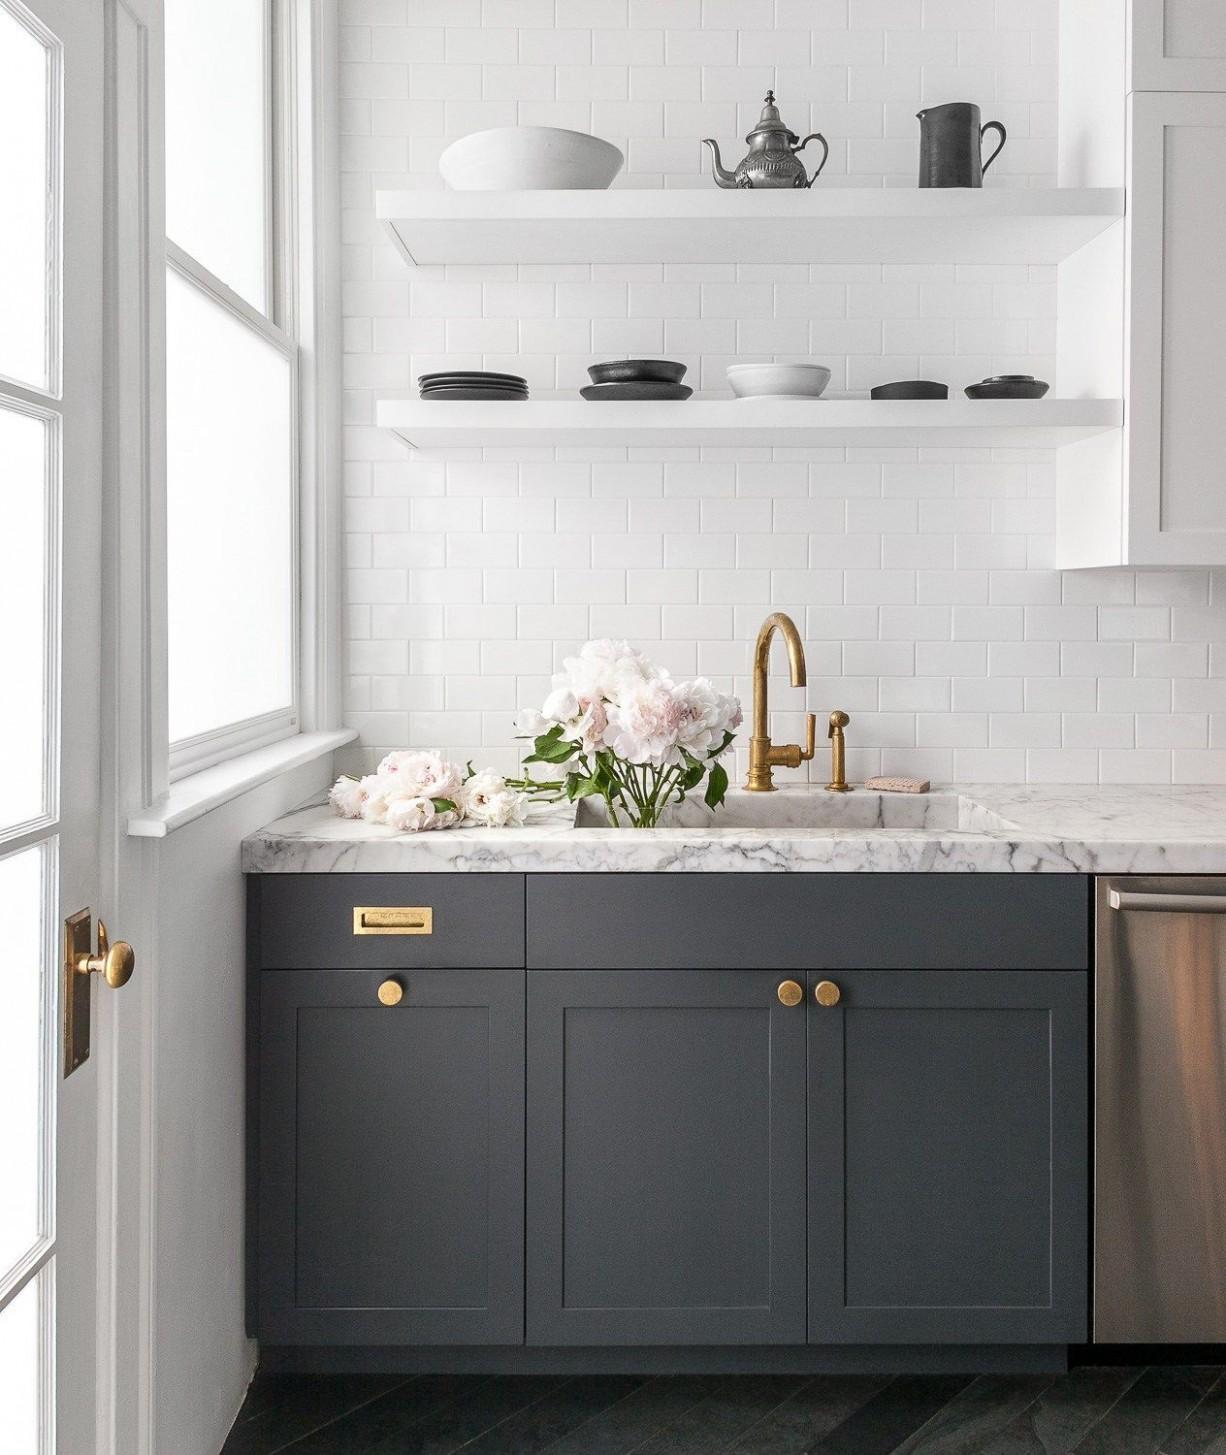 The Best Modern + Minimal Cabinet Hardware - The Identité Collective - Best Kitchen Cabinet Handles